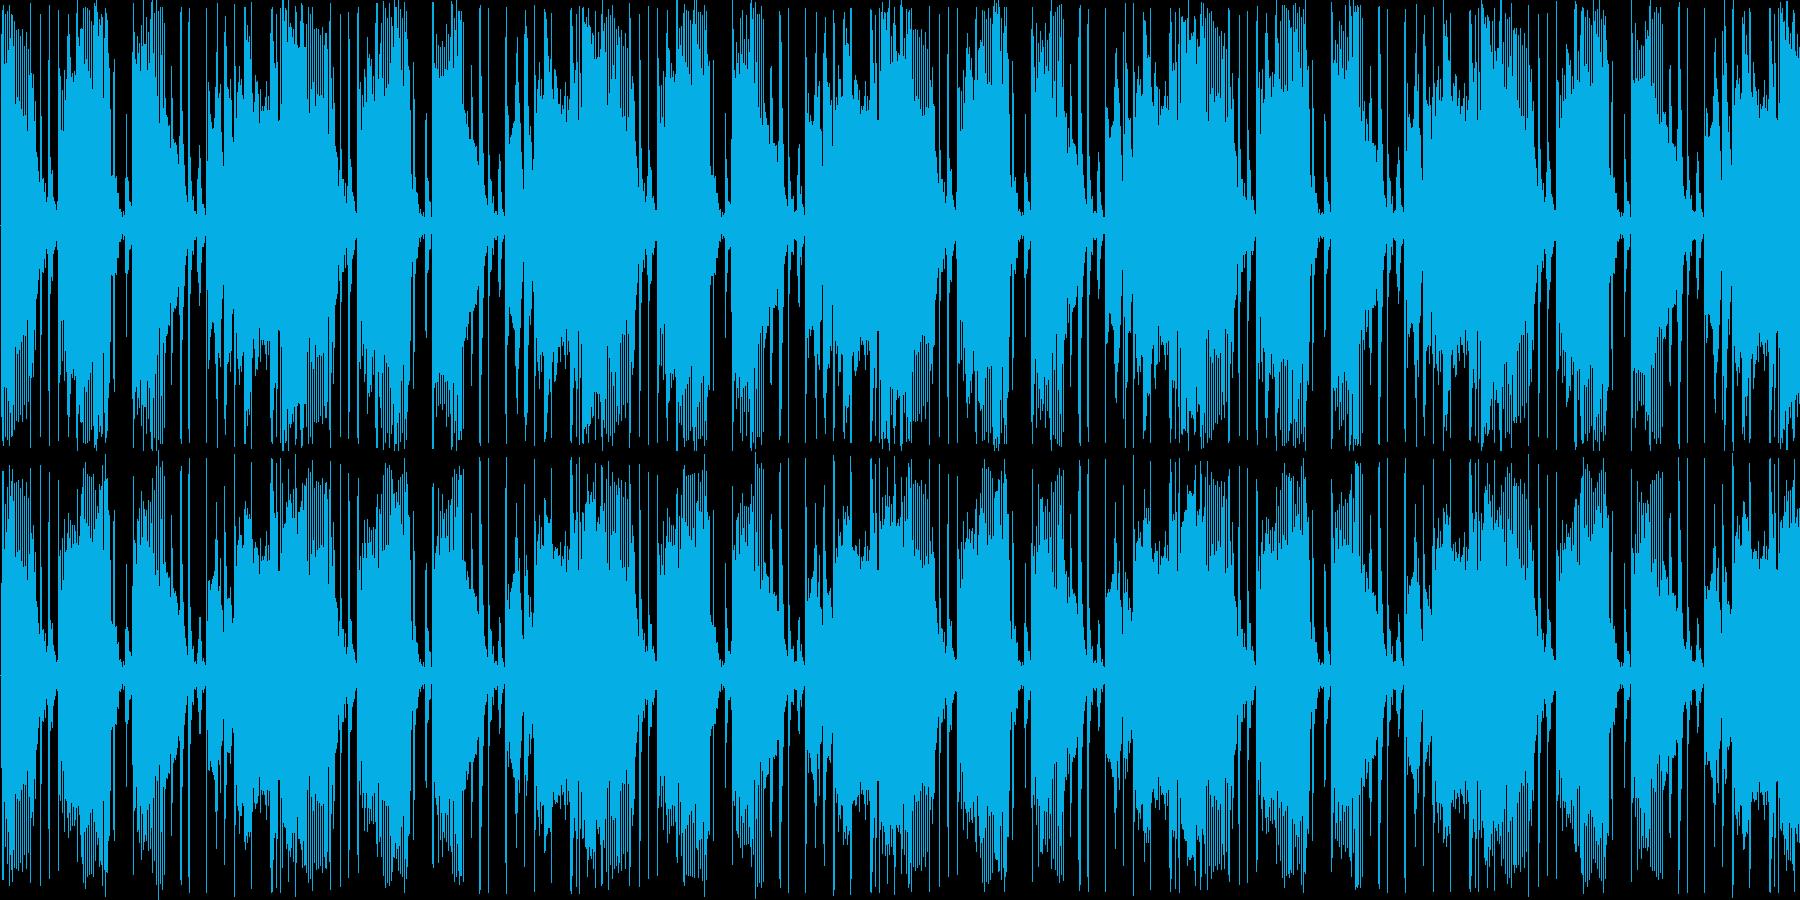 【スラップベース/ファンク/ポップ】の再生済みの波形